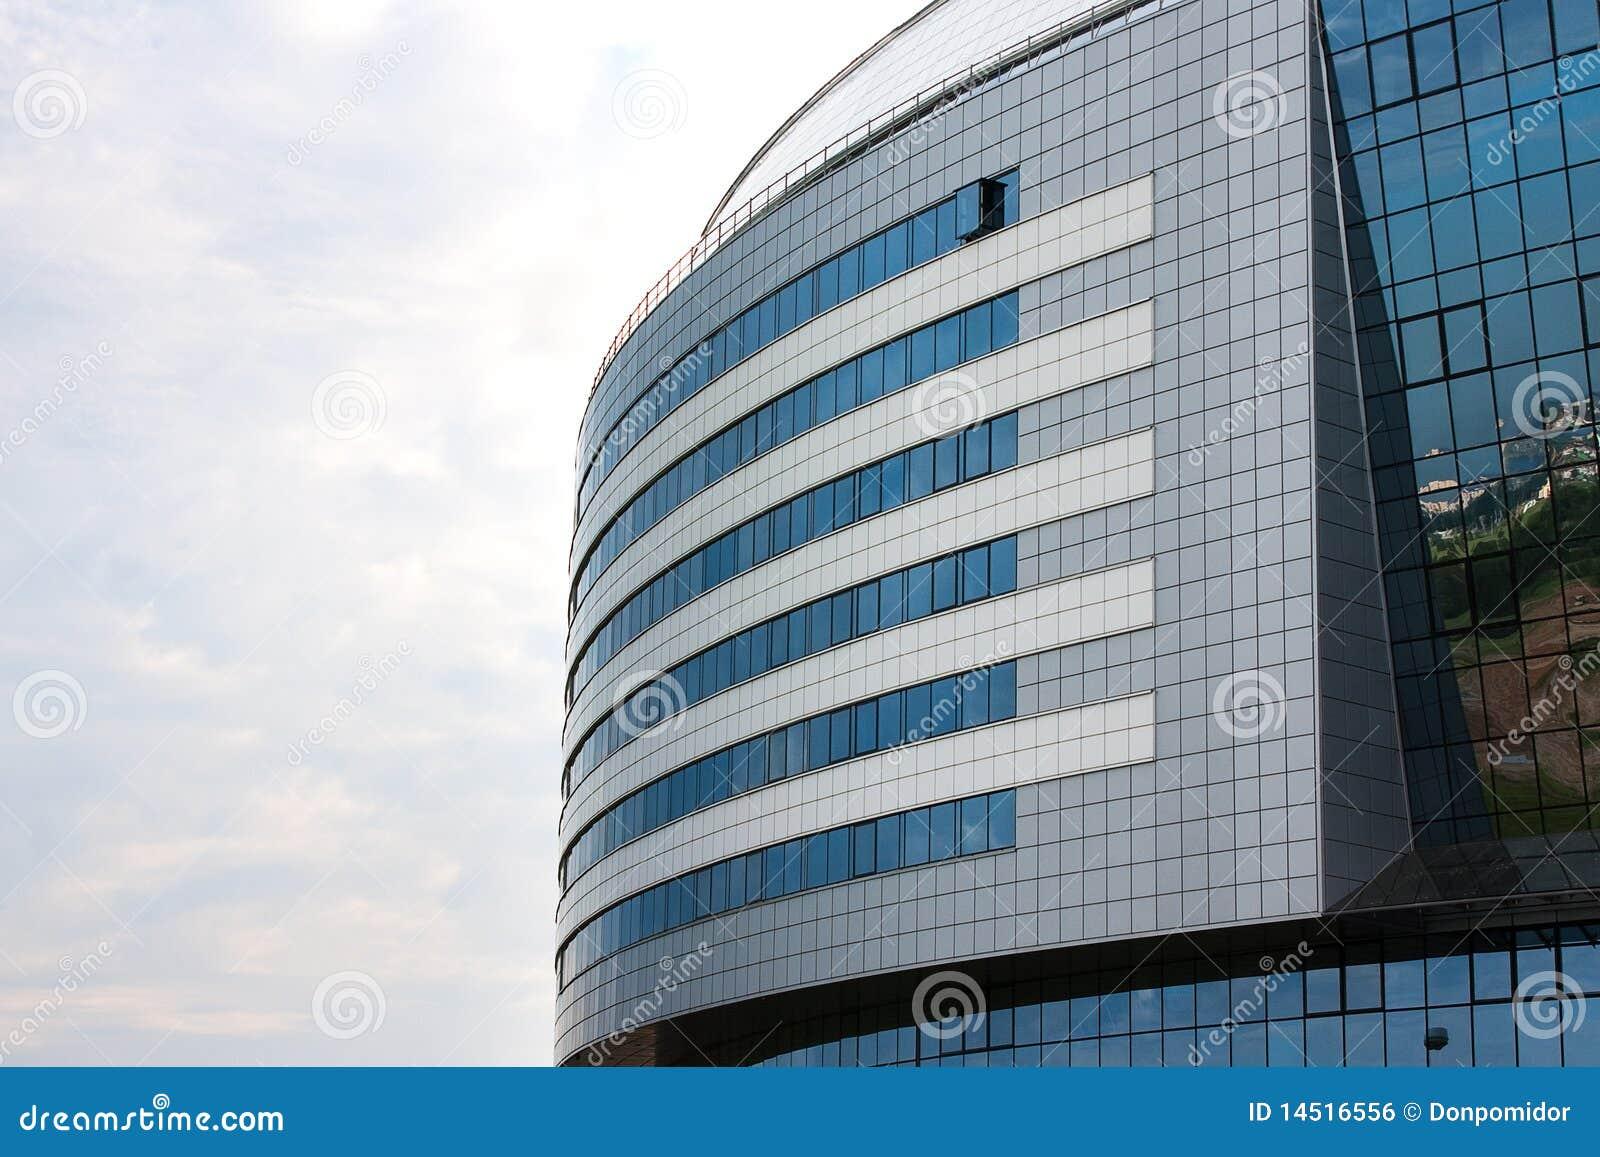 Immeuble de bureaux moderne image libre de droits image for Image immeuble moderne